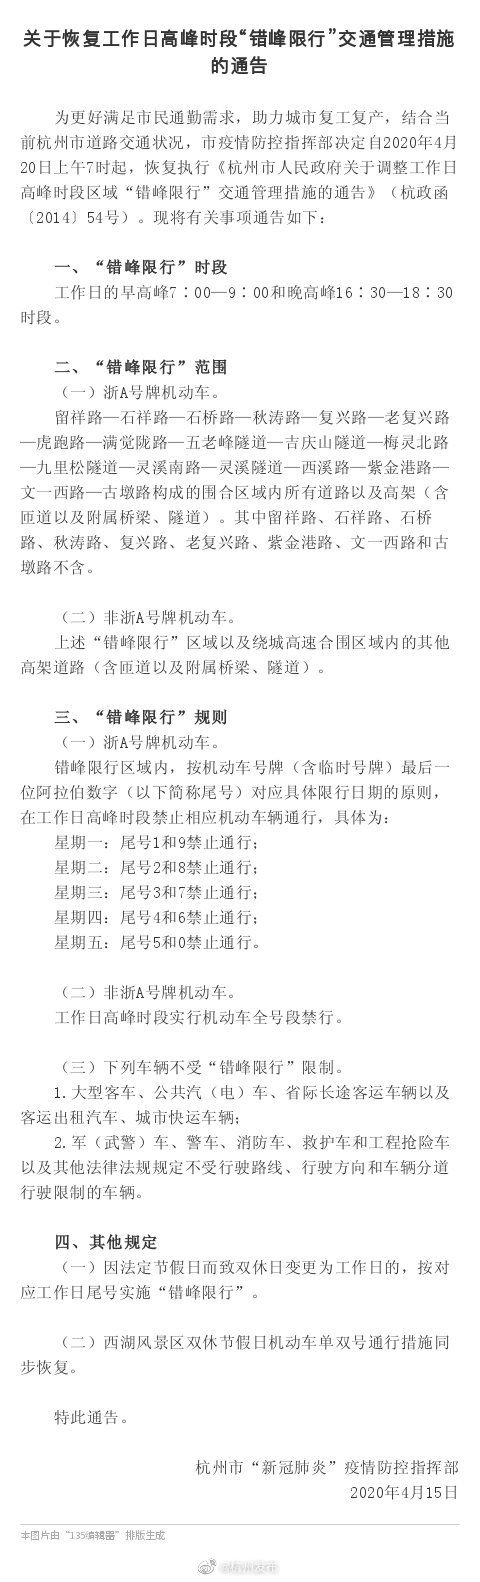 【摩天注册】起杭州摩天注册将恢复工作日高峰时图片